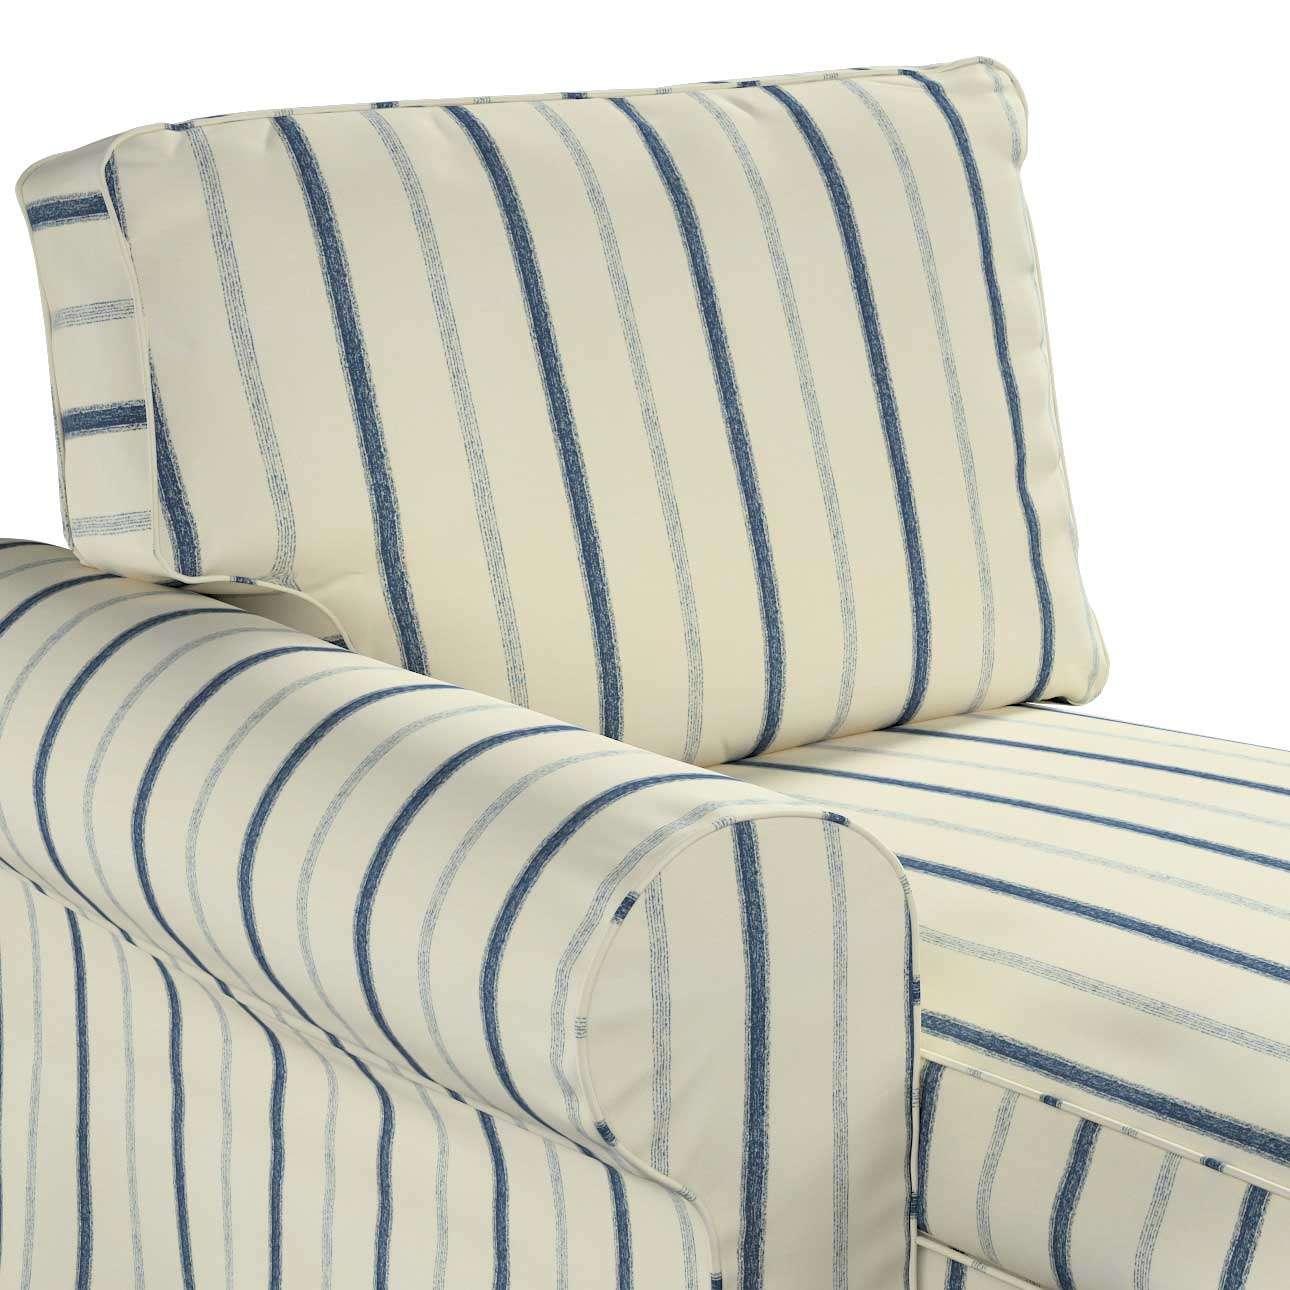 Pokrowiec na szezlong Ektorp lewy w kolekcji Avinon, tkanina: 129-66